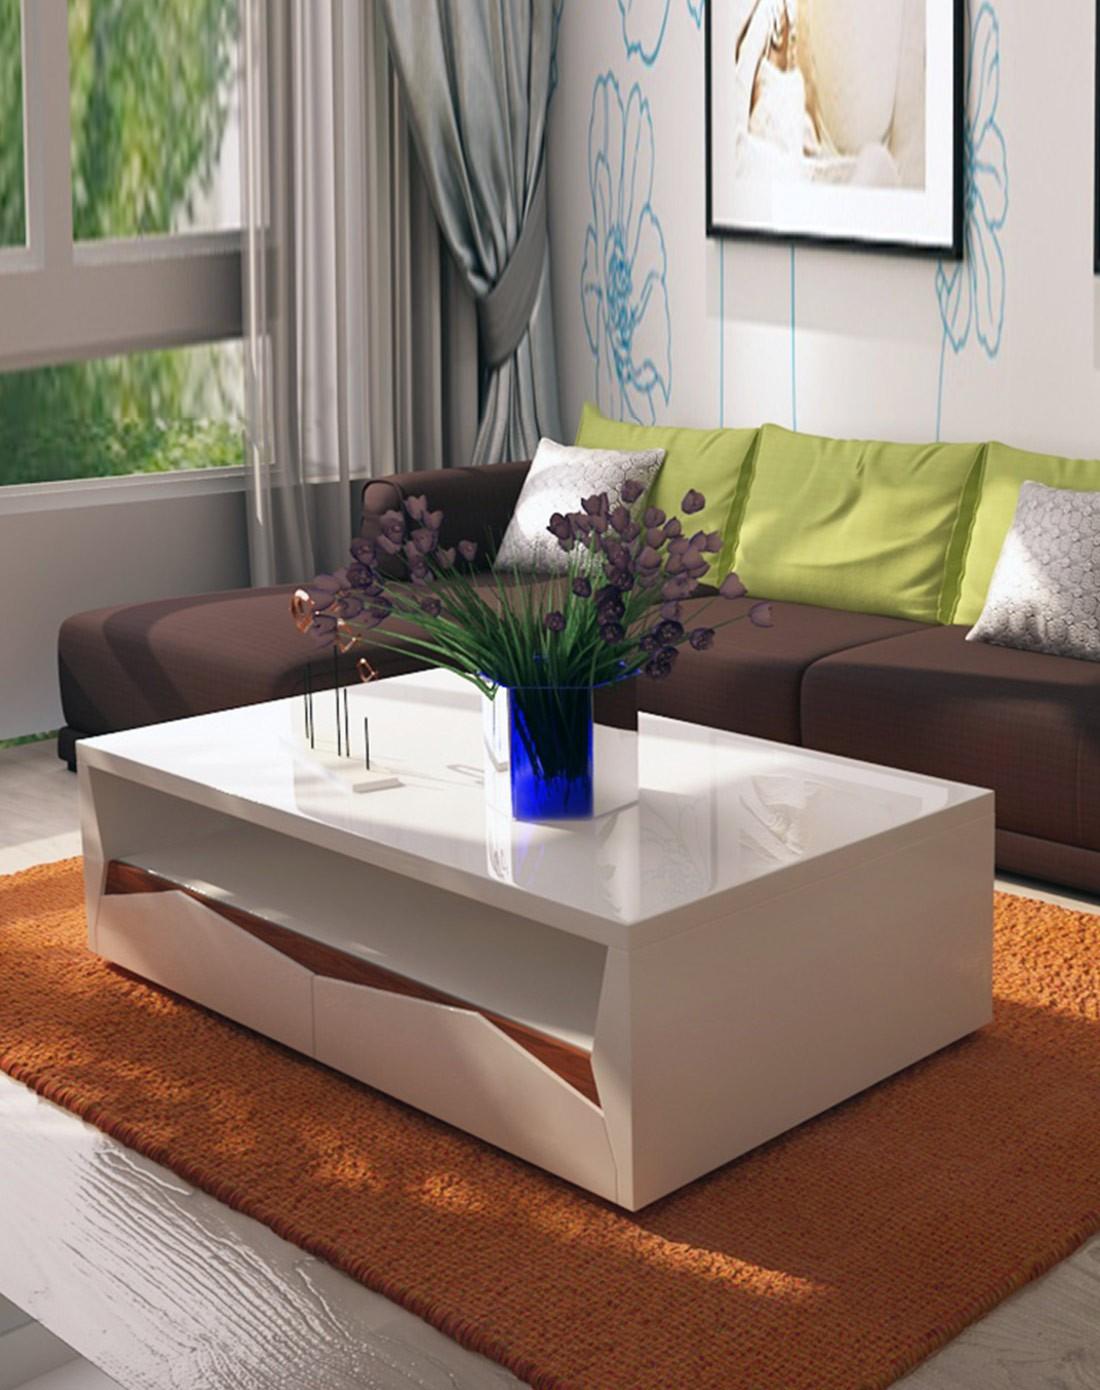 棱角设计客厅家具茶几